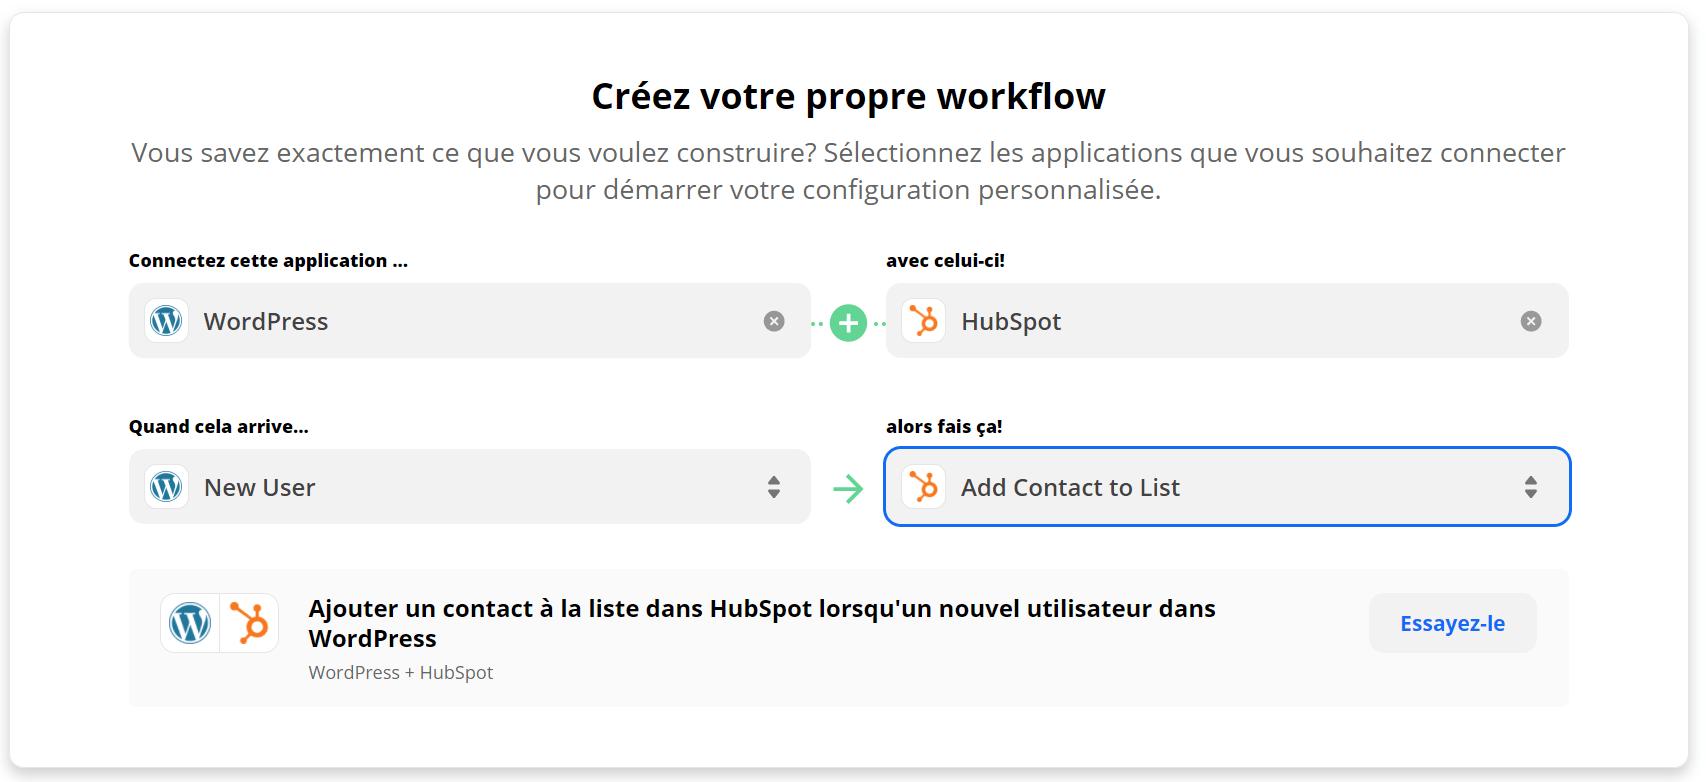 Exemple : créer un nouvel utilisateur dans Hubspot quand un internaute s'inscrit sur votre site WordPress